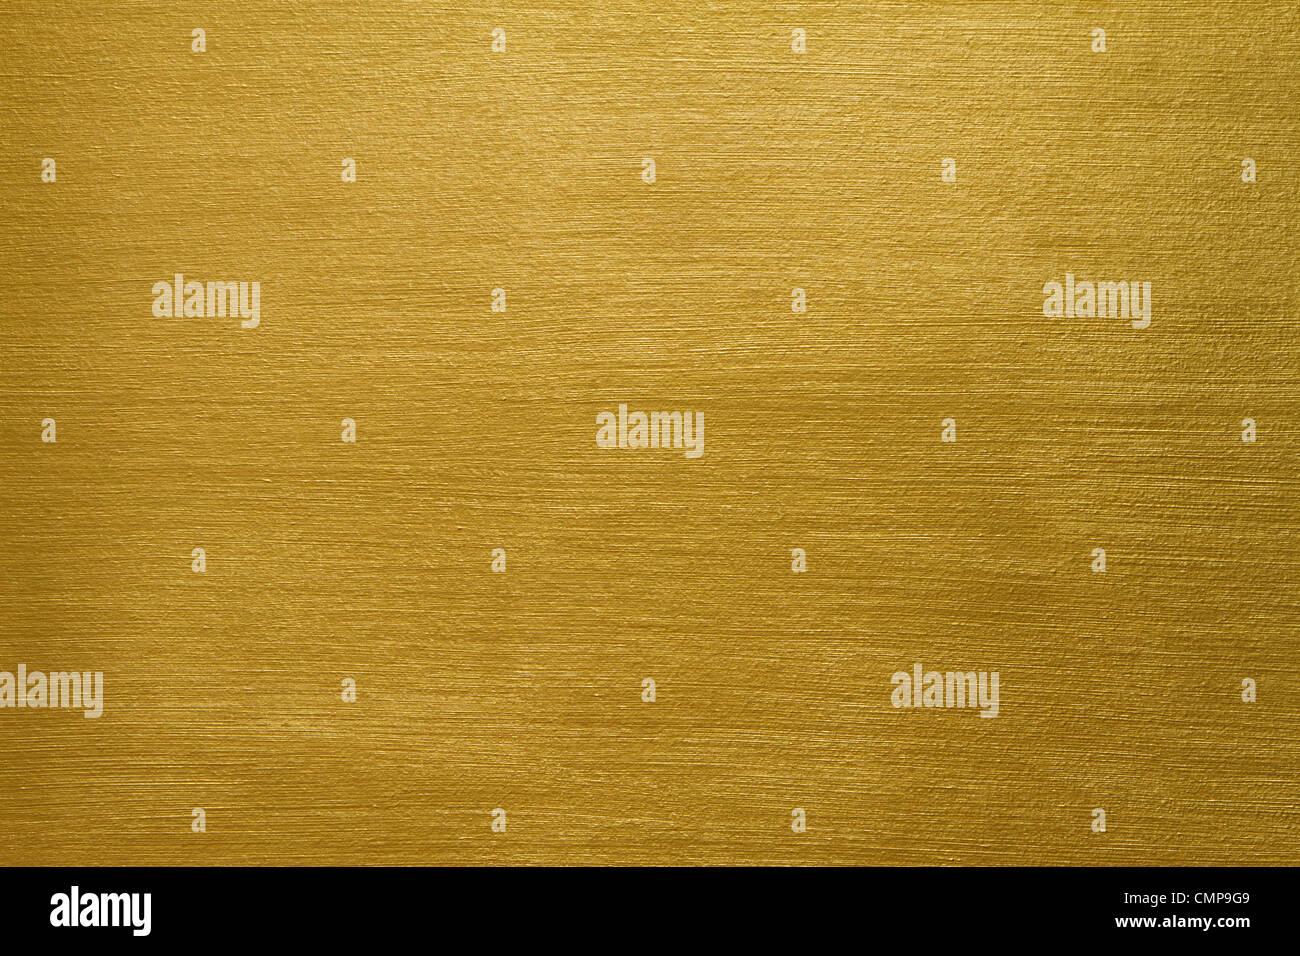 La texture d'un mur de ciment recouvert d'or de la peinture à l'aide de mouvements longs Photo Stock